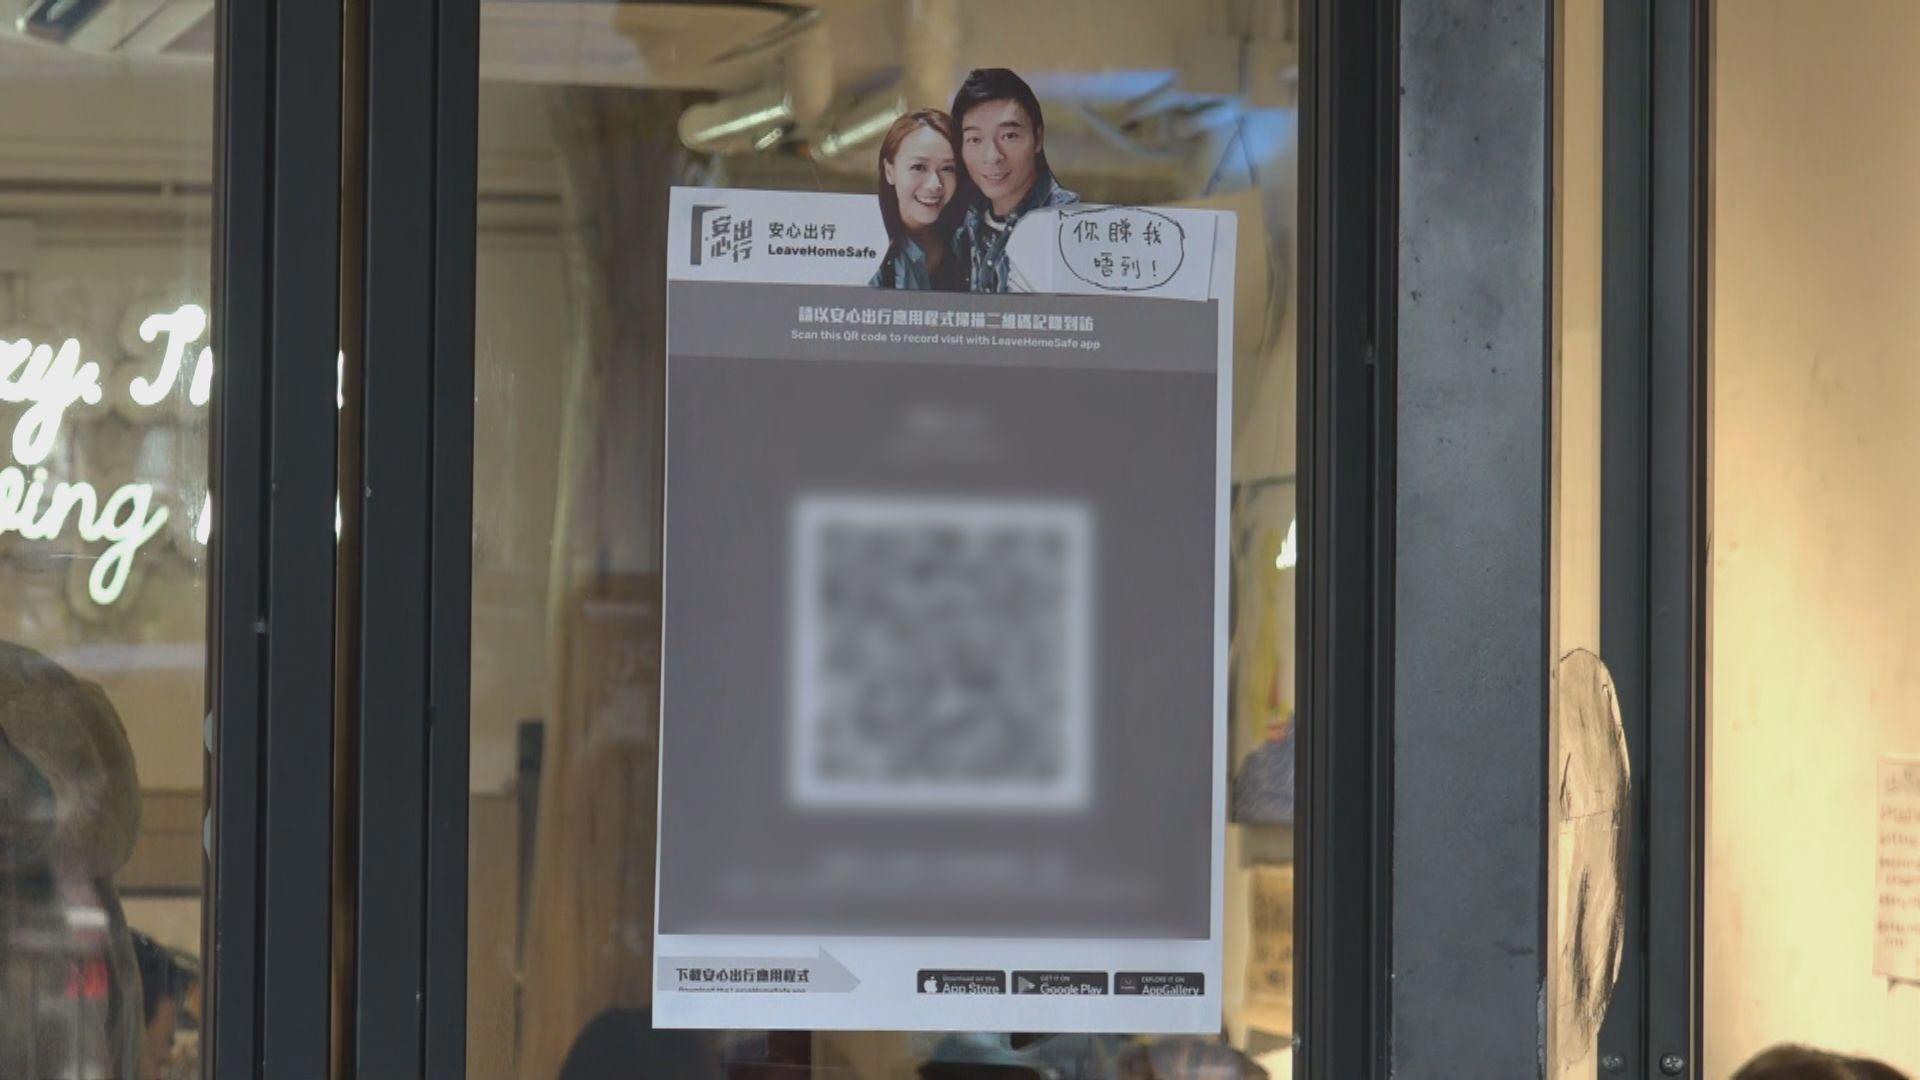 有餐廳至今仍未收到安心出行二維碼 有稱憂私隱問題拒申請